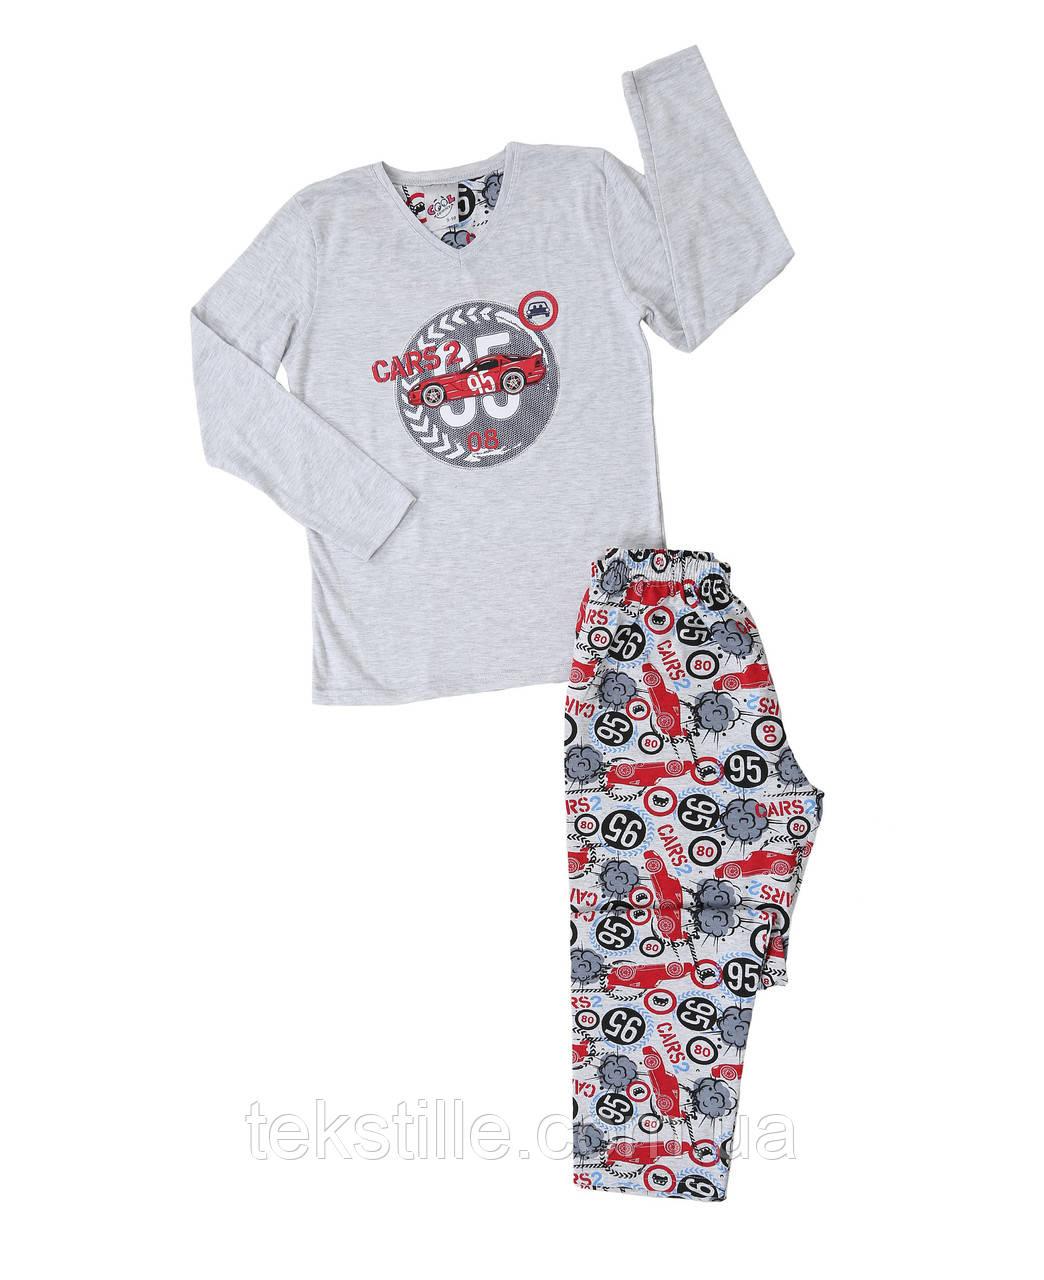 Пижама детская 4050474495